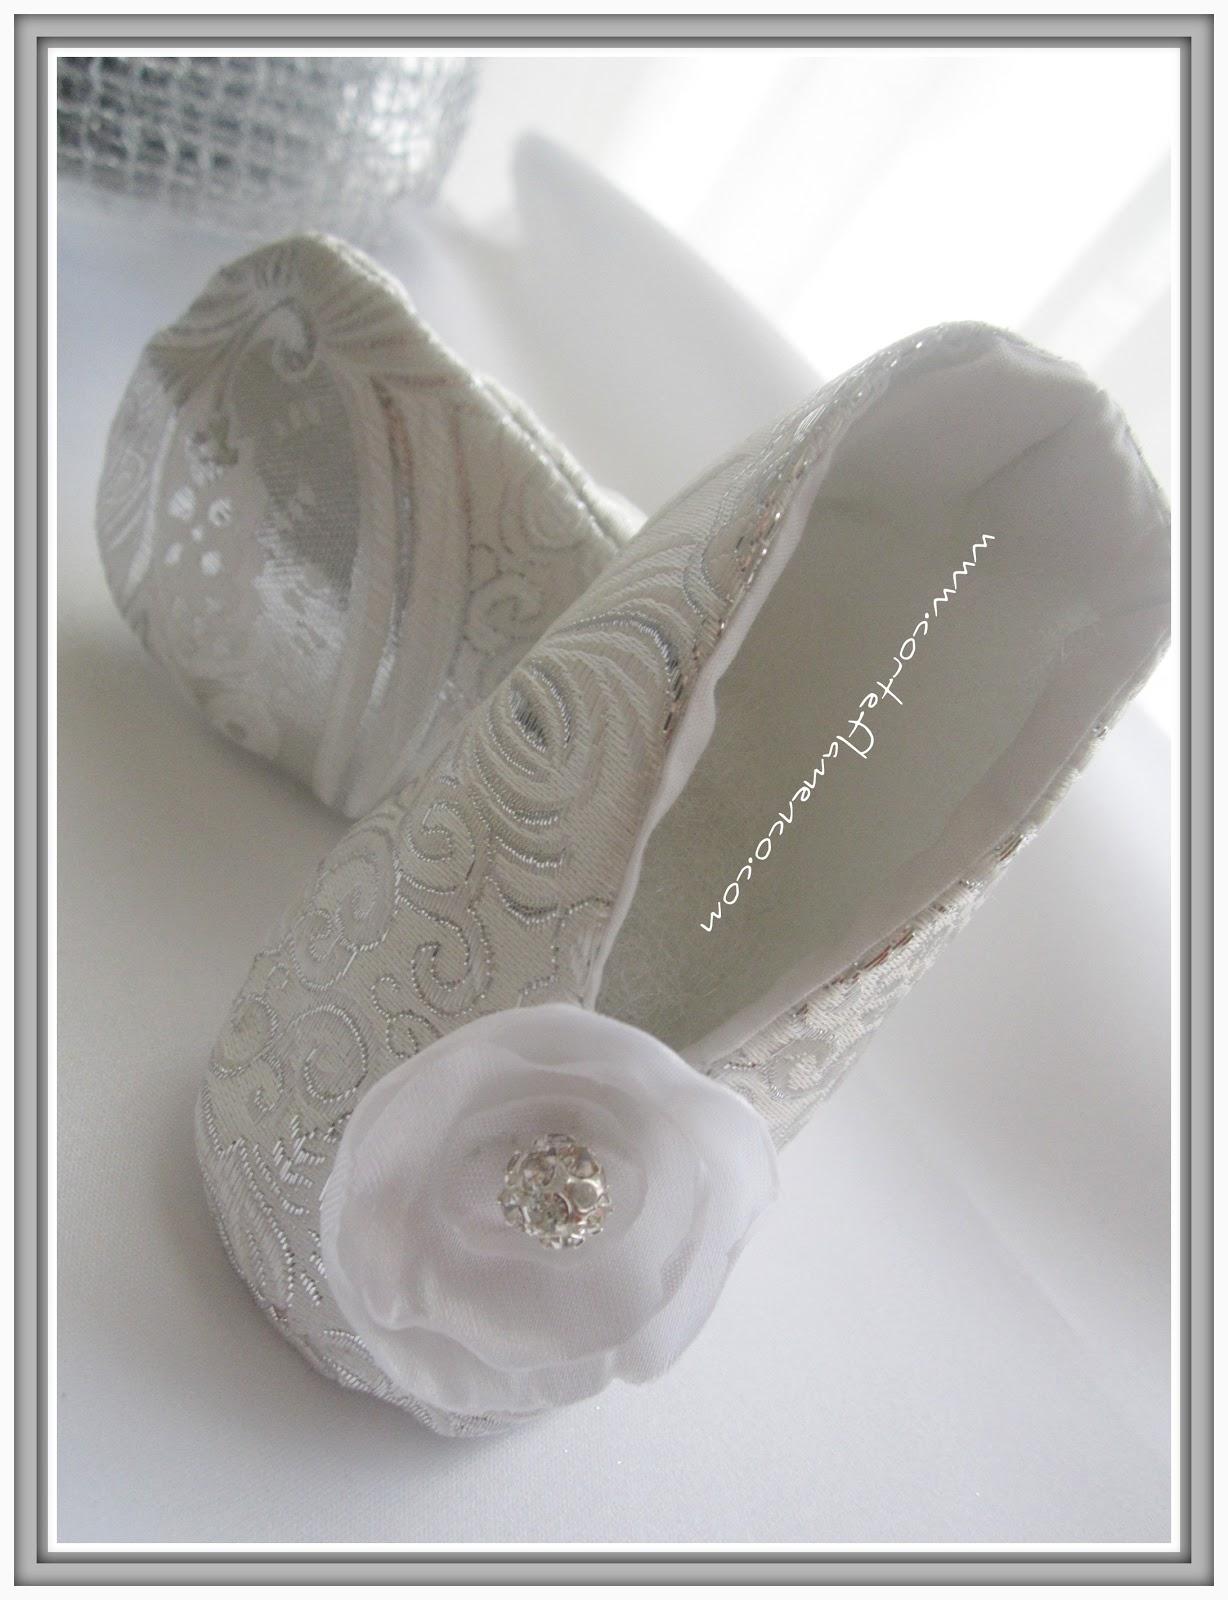 fotos de zapatos de niños - fotos zapatos | Fotos de zapatos para niñas TODA MUJER ES BELLA